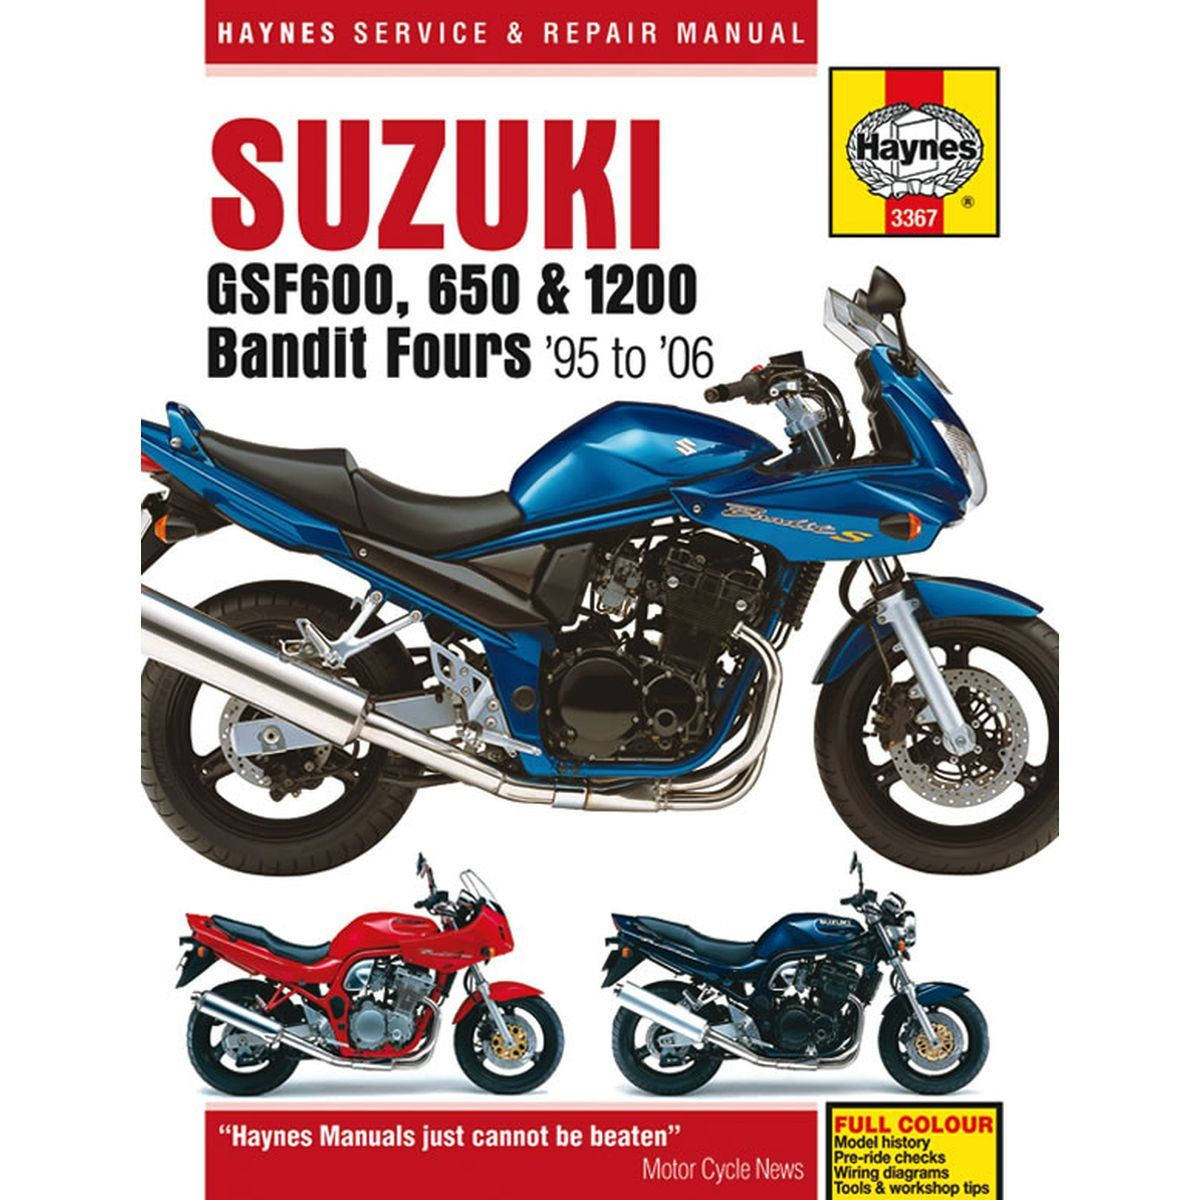 suzuki bandit 1200 wiring diagram the12volt diagrams 1998 somurich